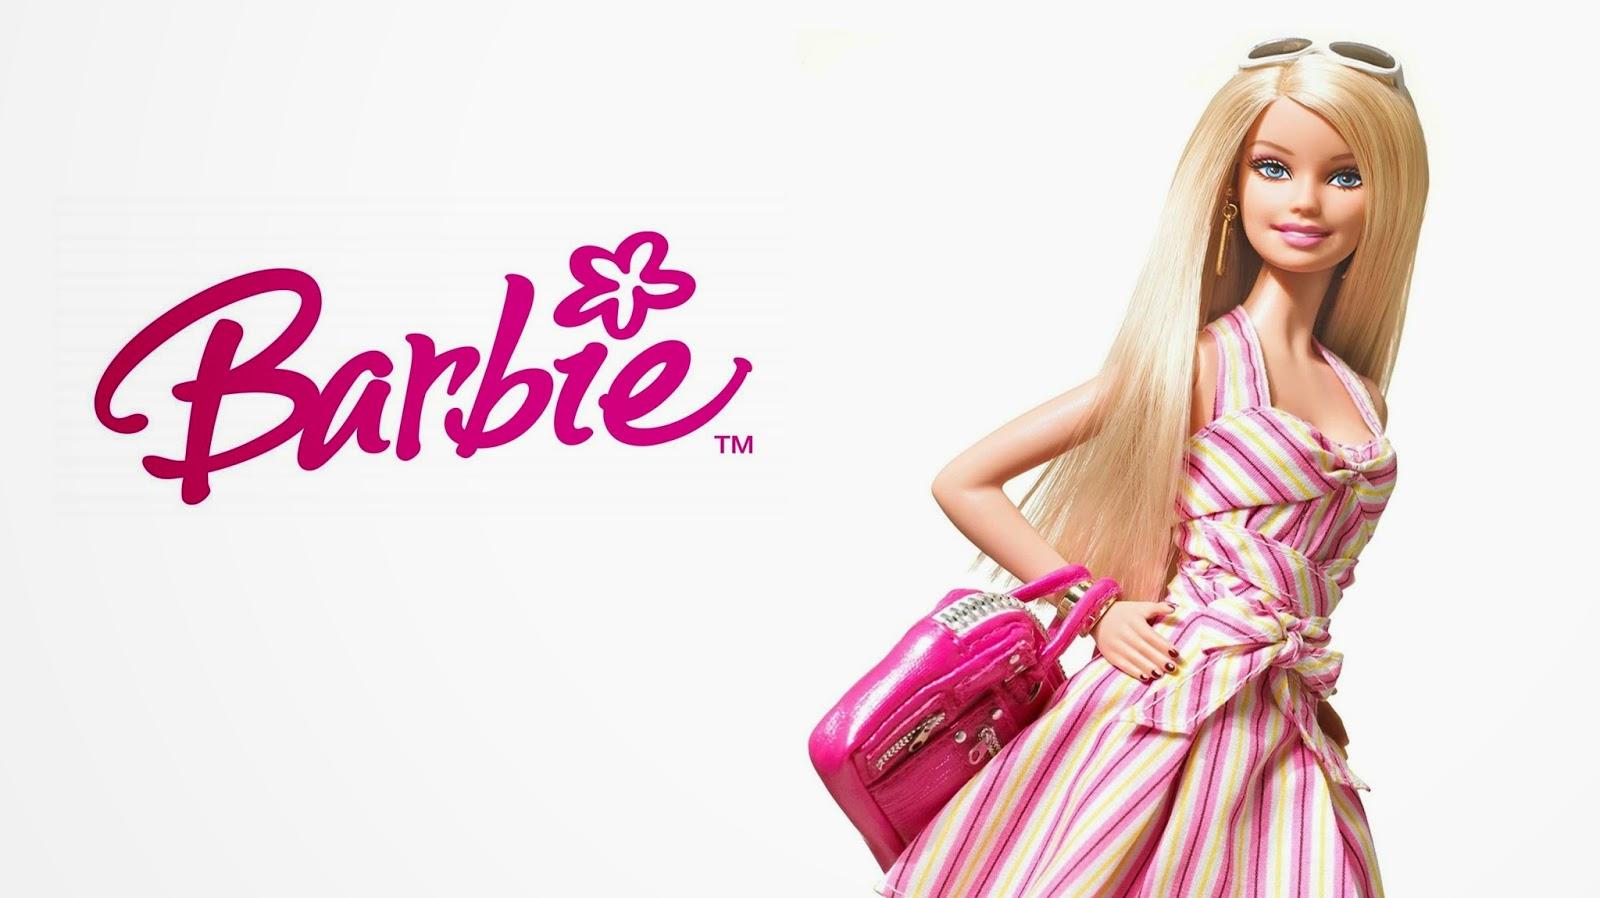 Phim Barbie -Hoạt Hình Barbie